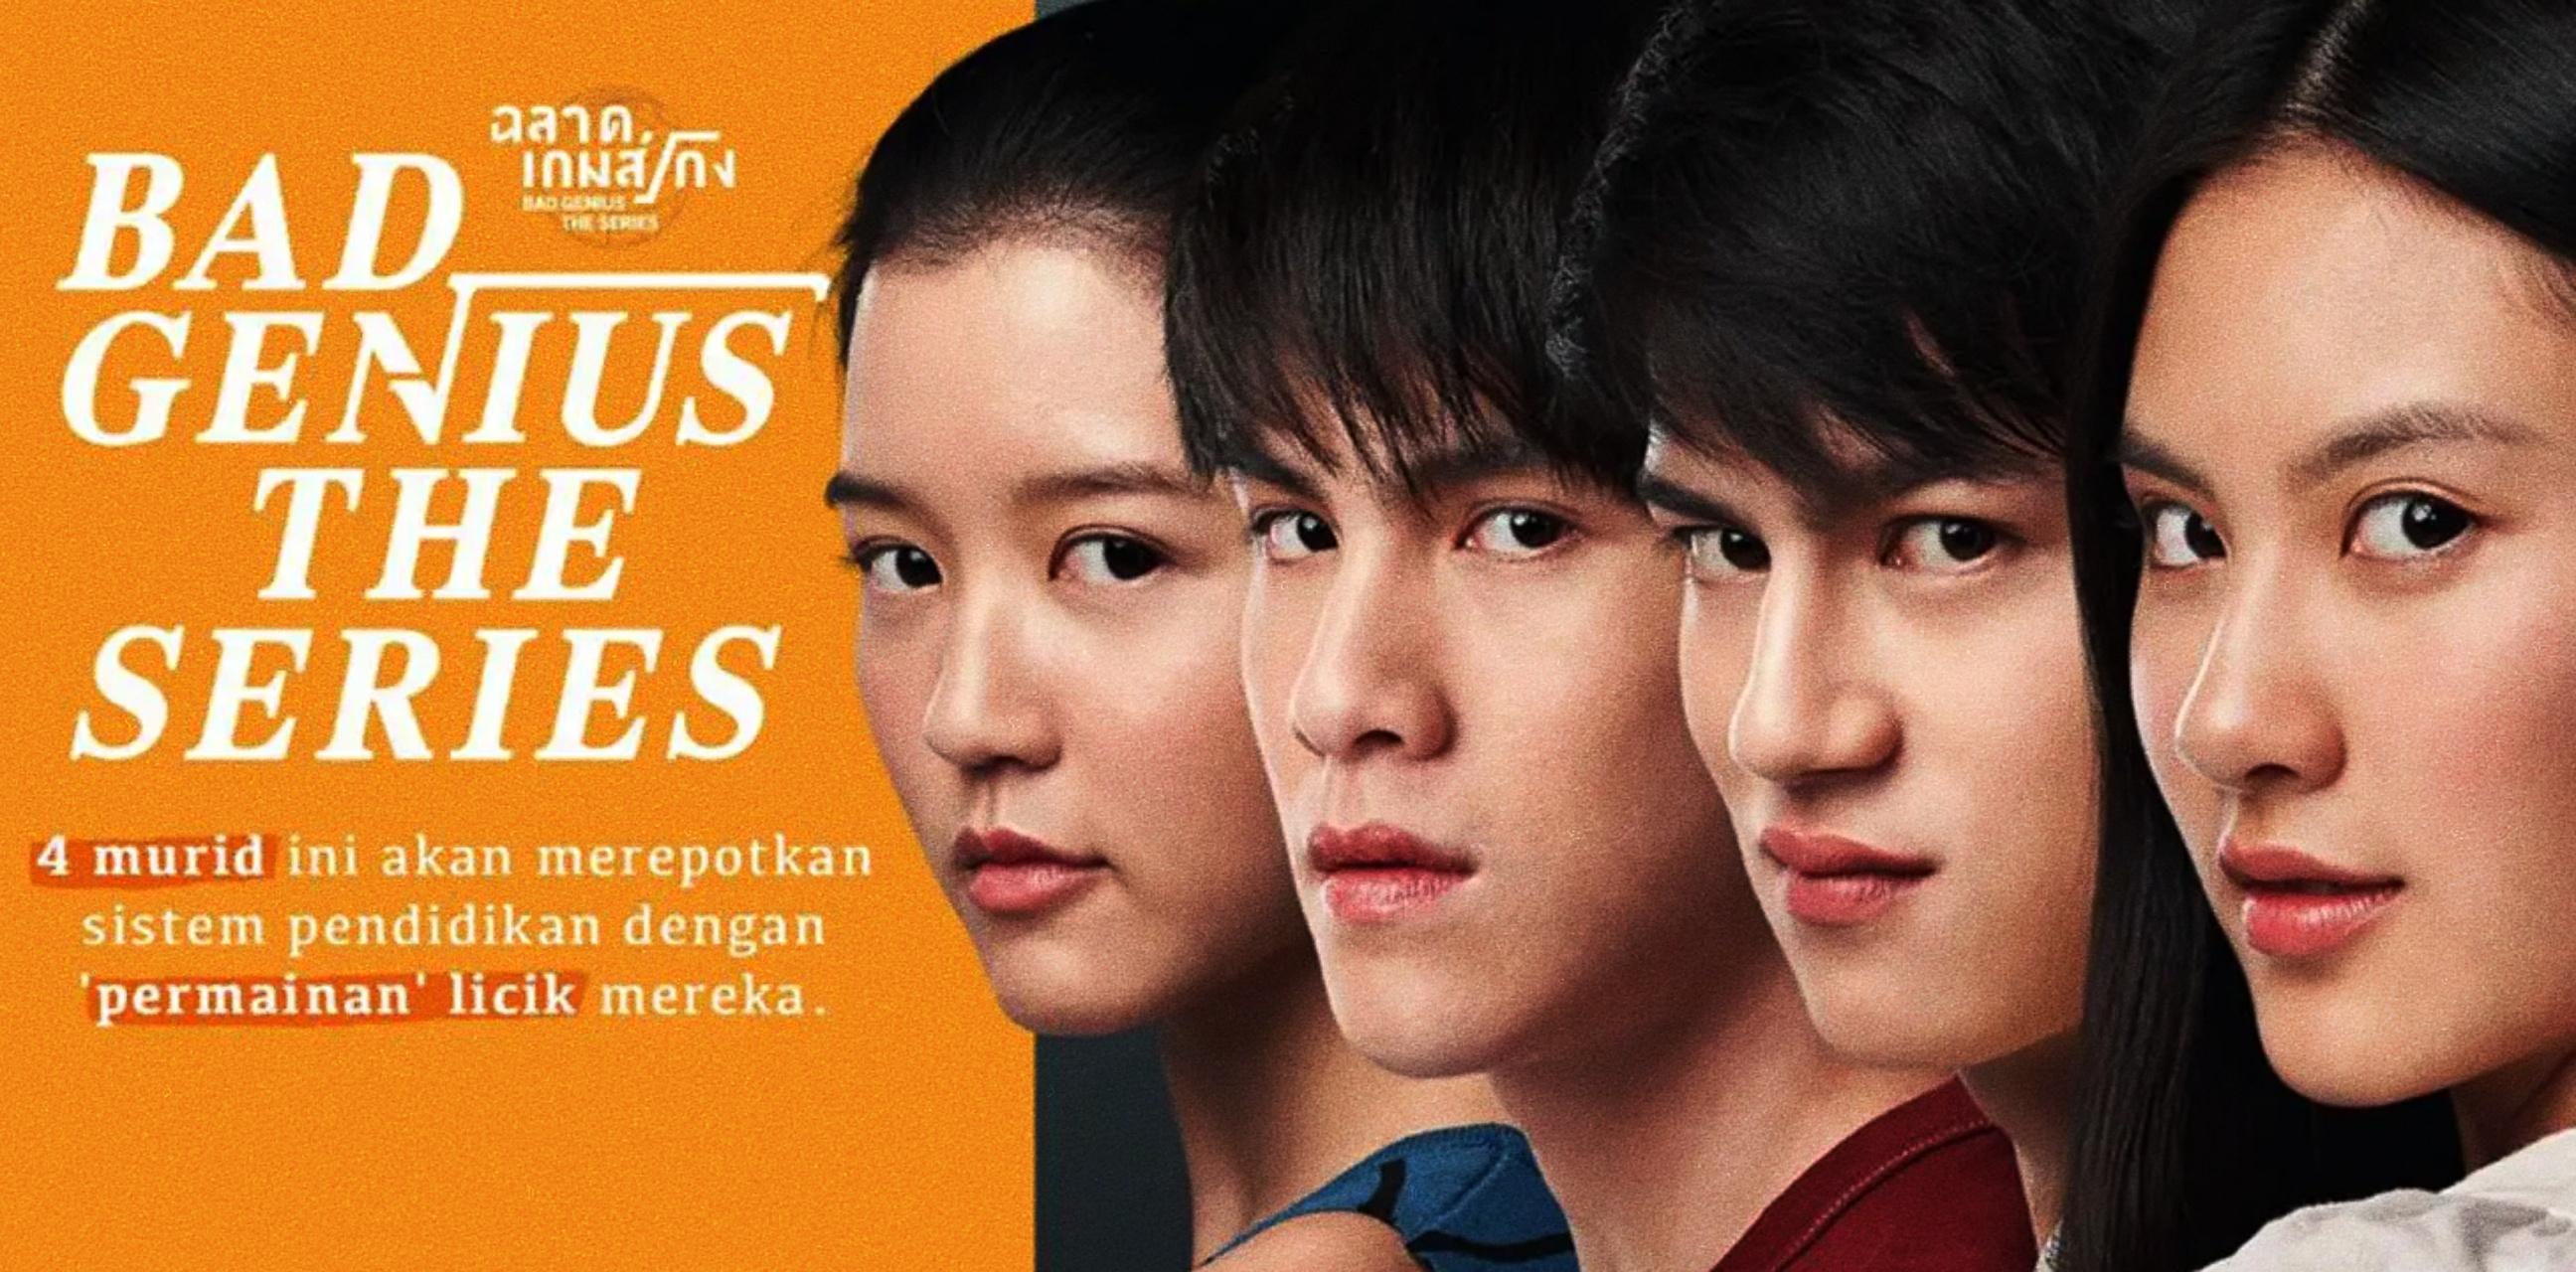 Bad Genius the Series yang dibintangi member BNK48 siap tayang nih